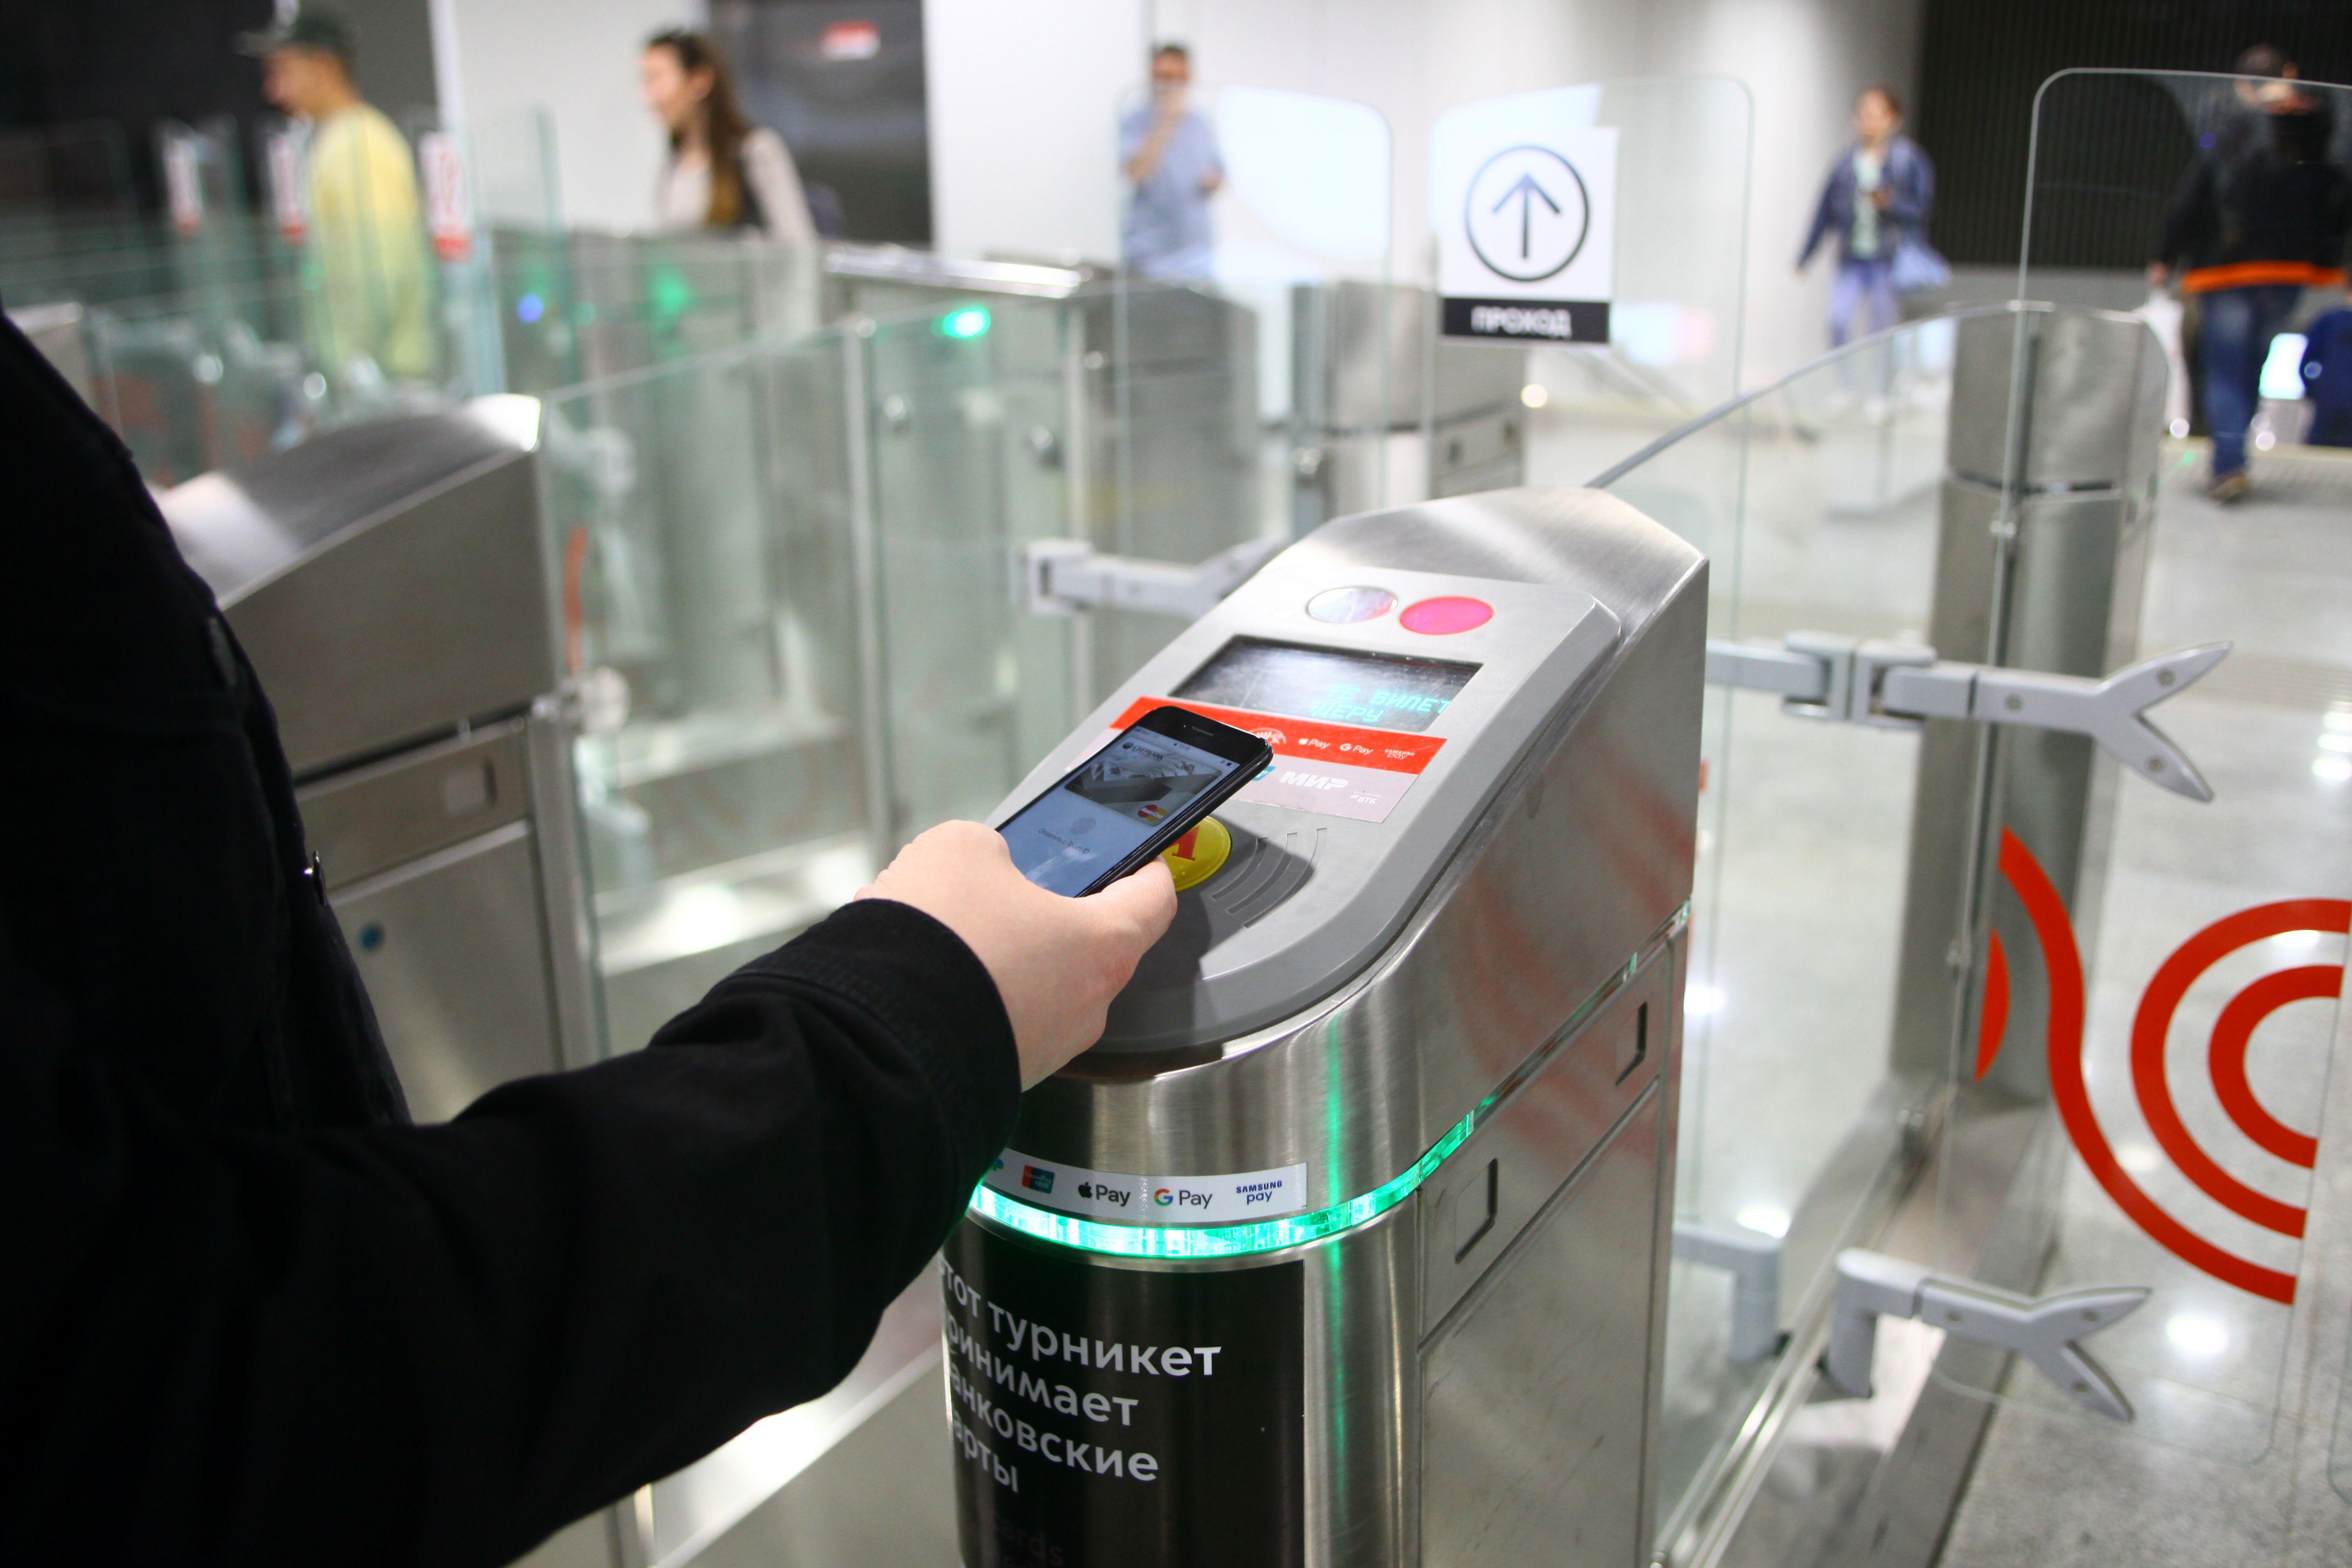 Москвичей предупредили об ограничении оплаты проезда в метро